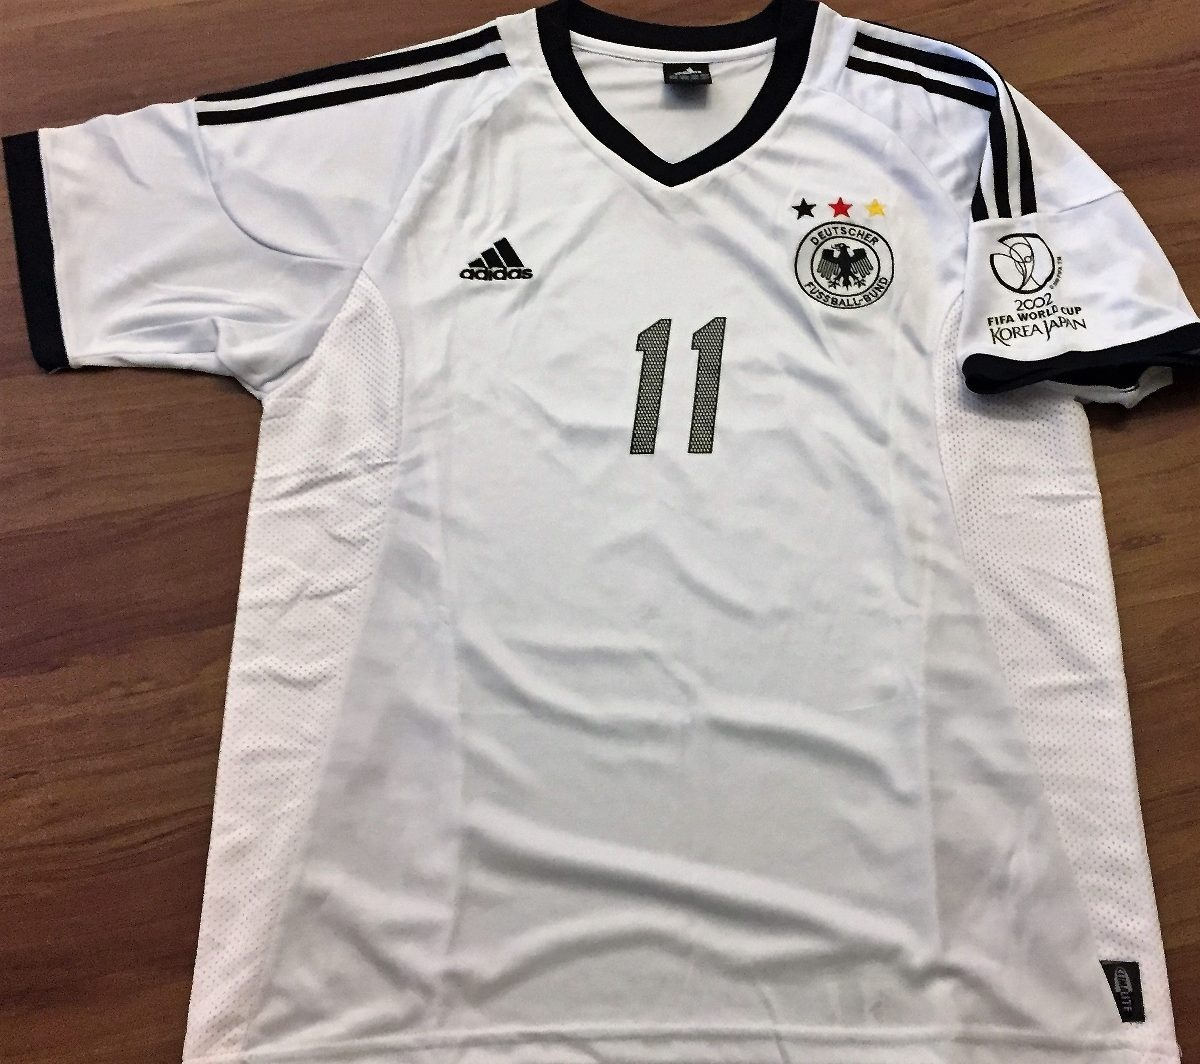 e8c591ea60 camisa da alemanha copa do mundo 2002 autografada klose. Carregando zoom.